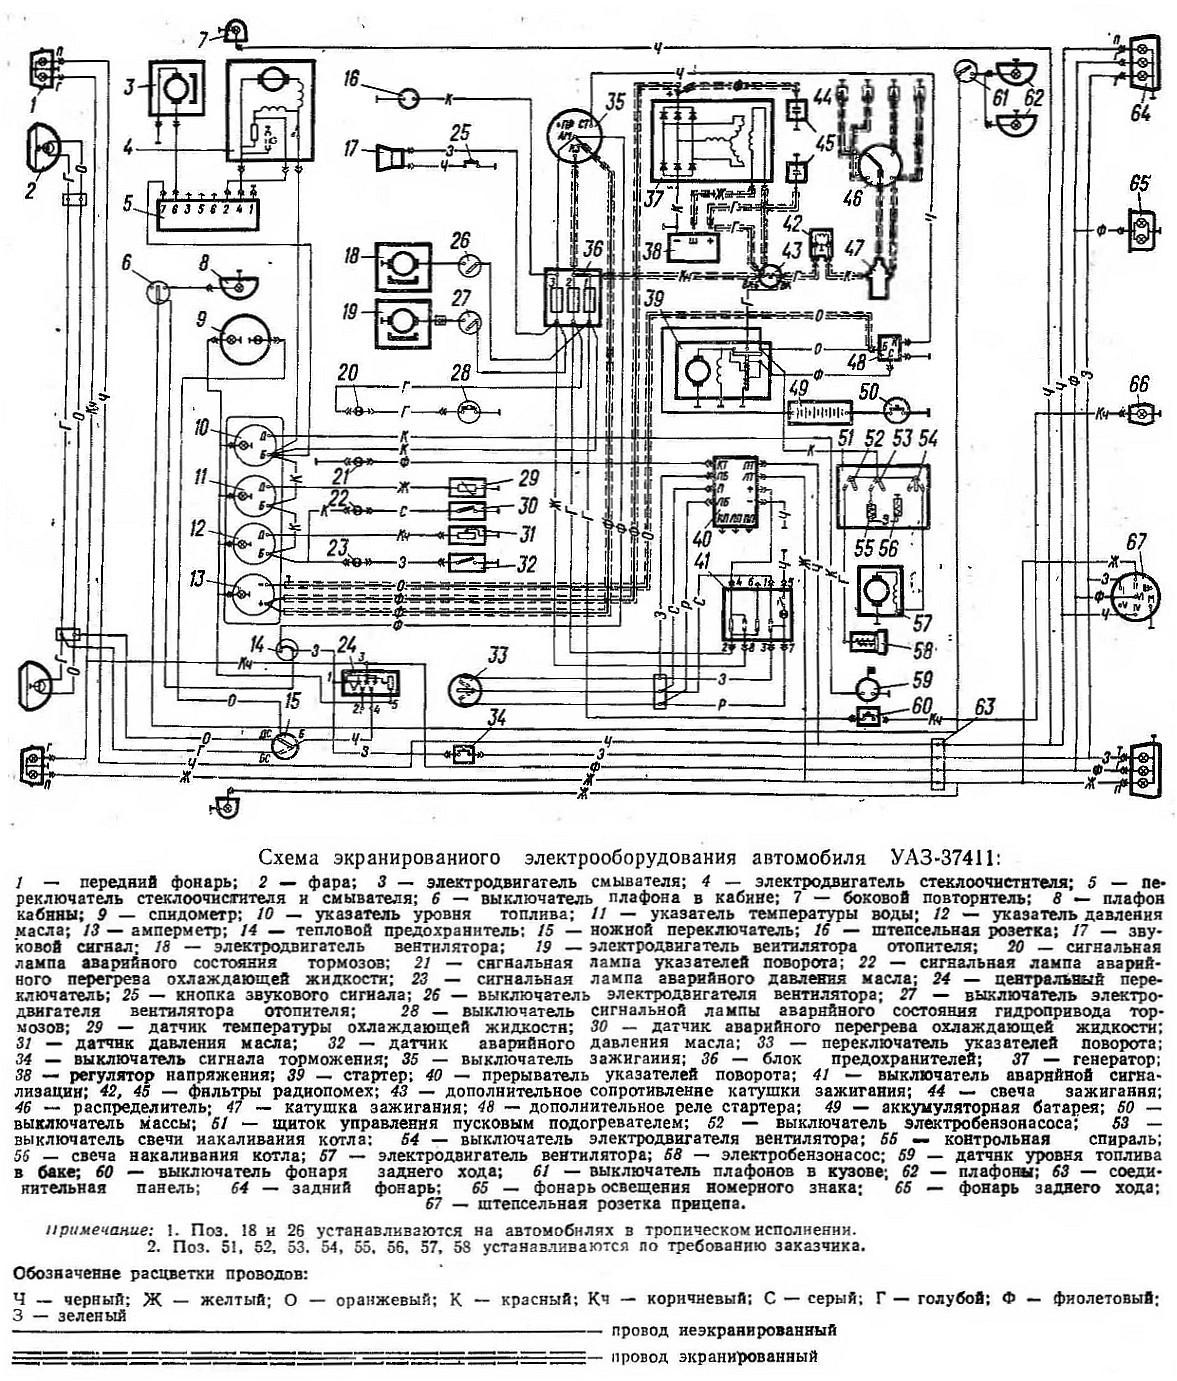 схема устройства автомобиля повышенной проходимости